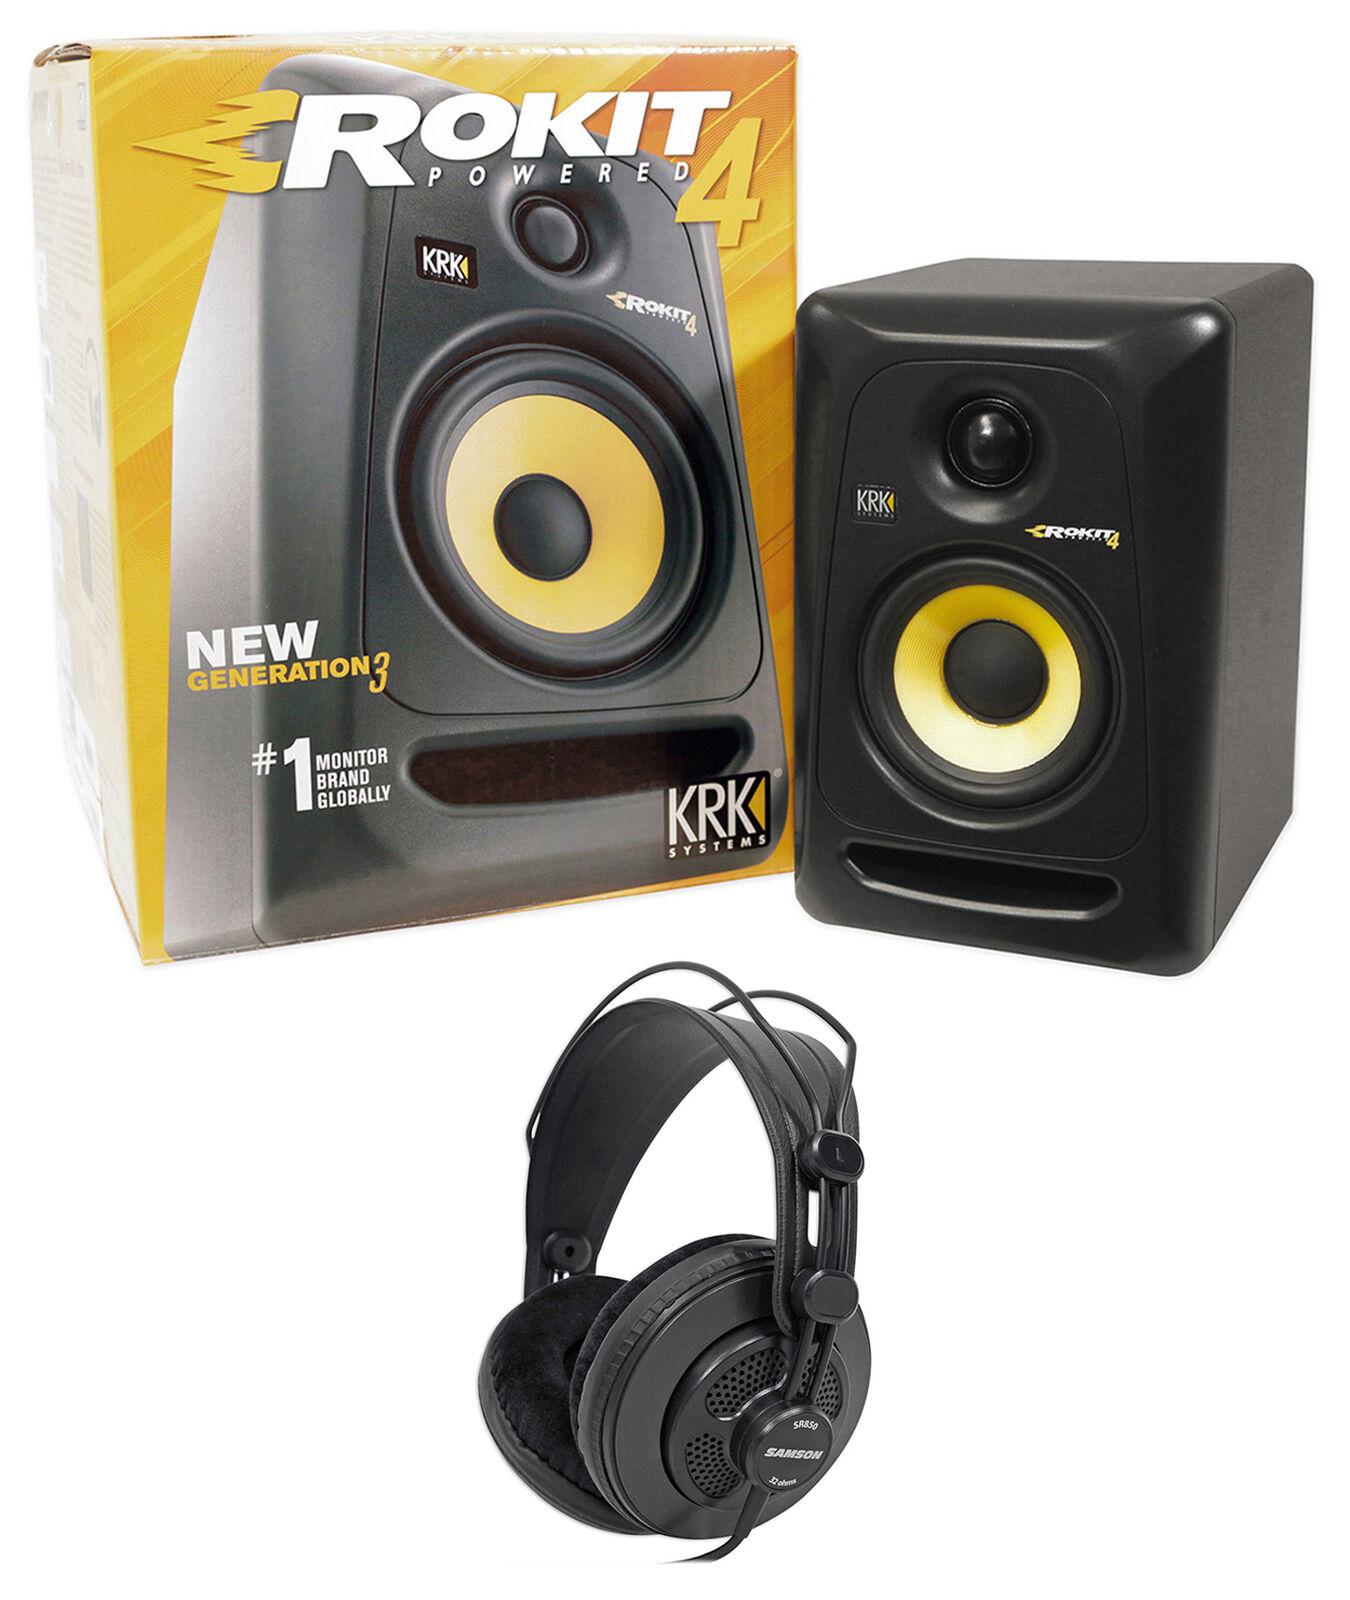 KRK RP4G3 RP4-G3 Rokit Powered 4  Studio Monitor Active Speaker + Headphones